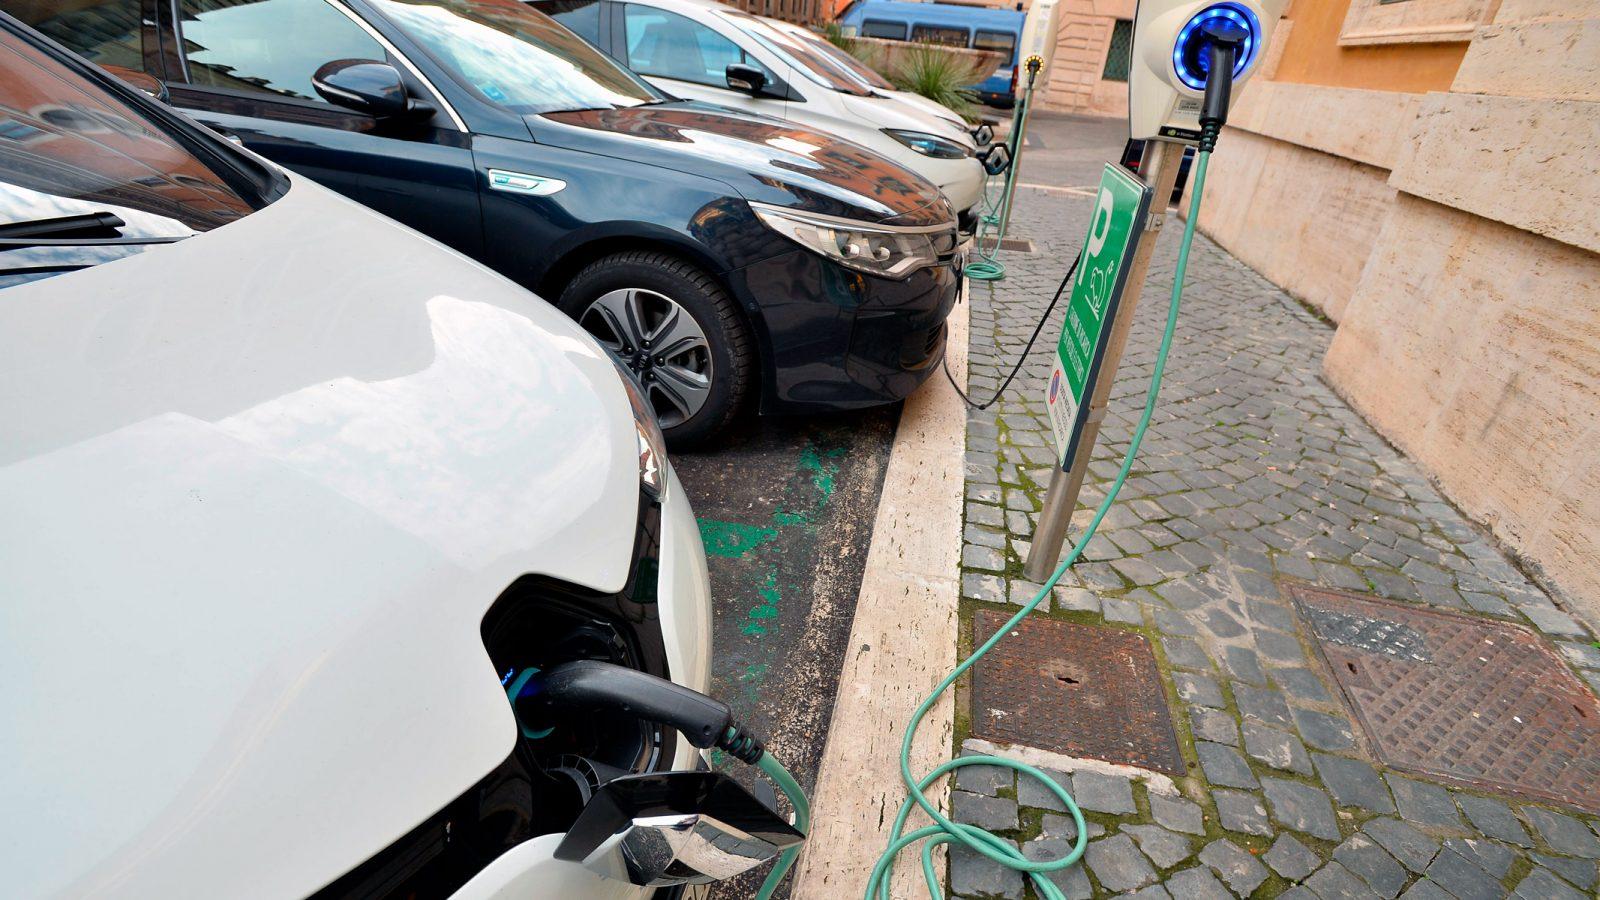 Stazione di ricarica auto elettriche (fonte: Imagoeconomica)